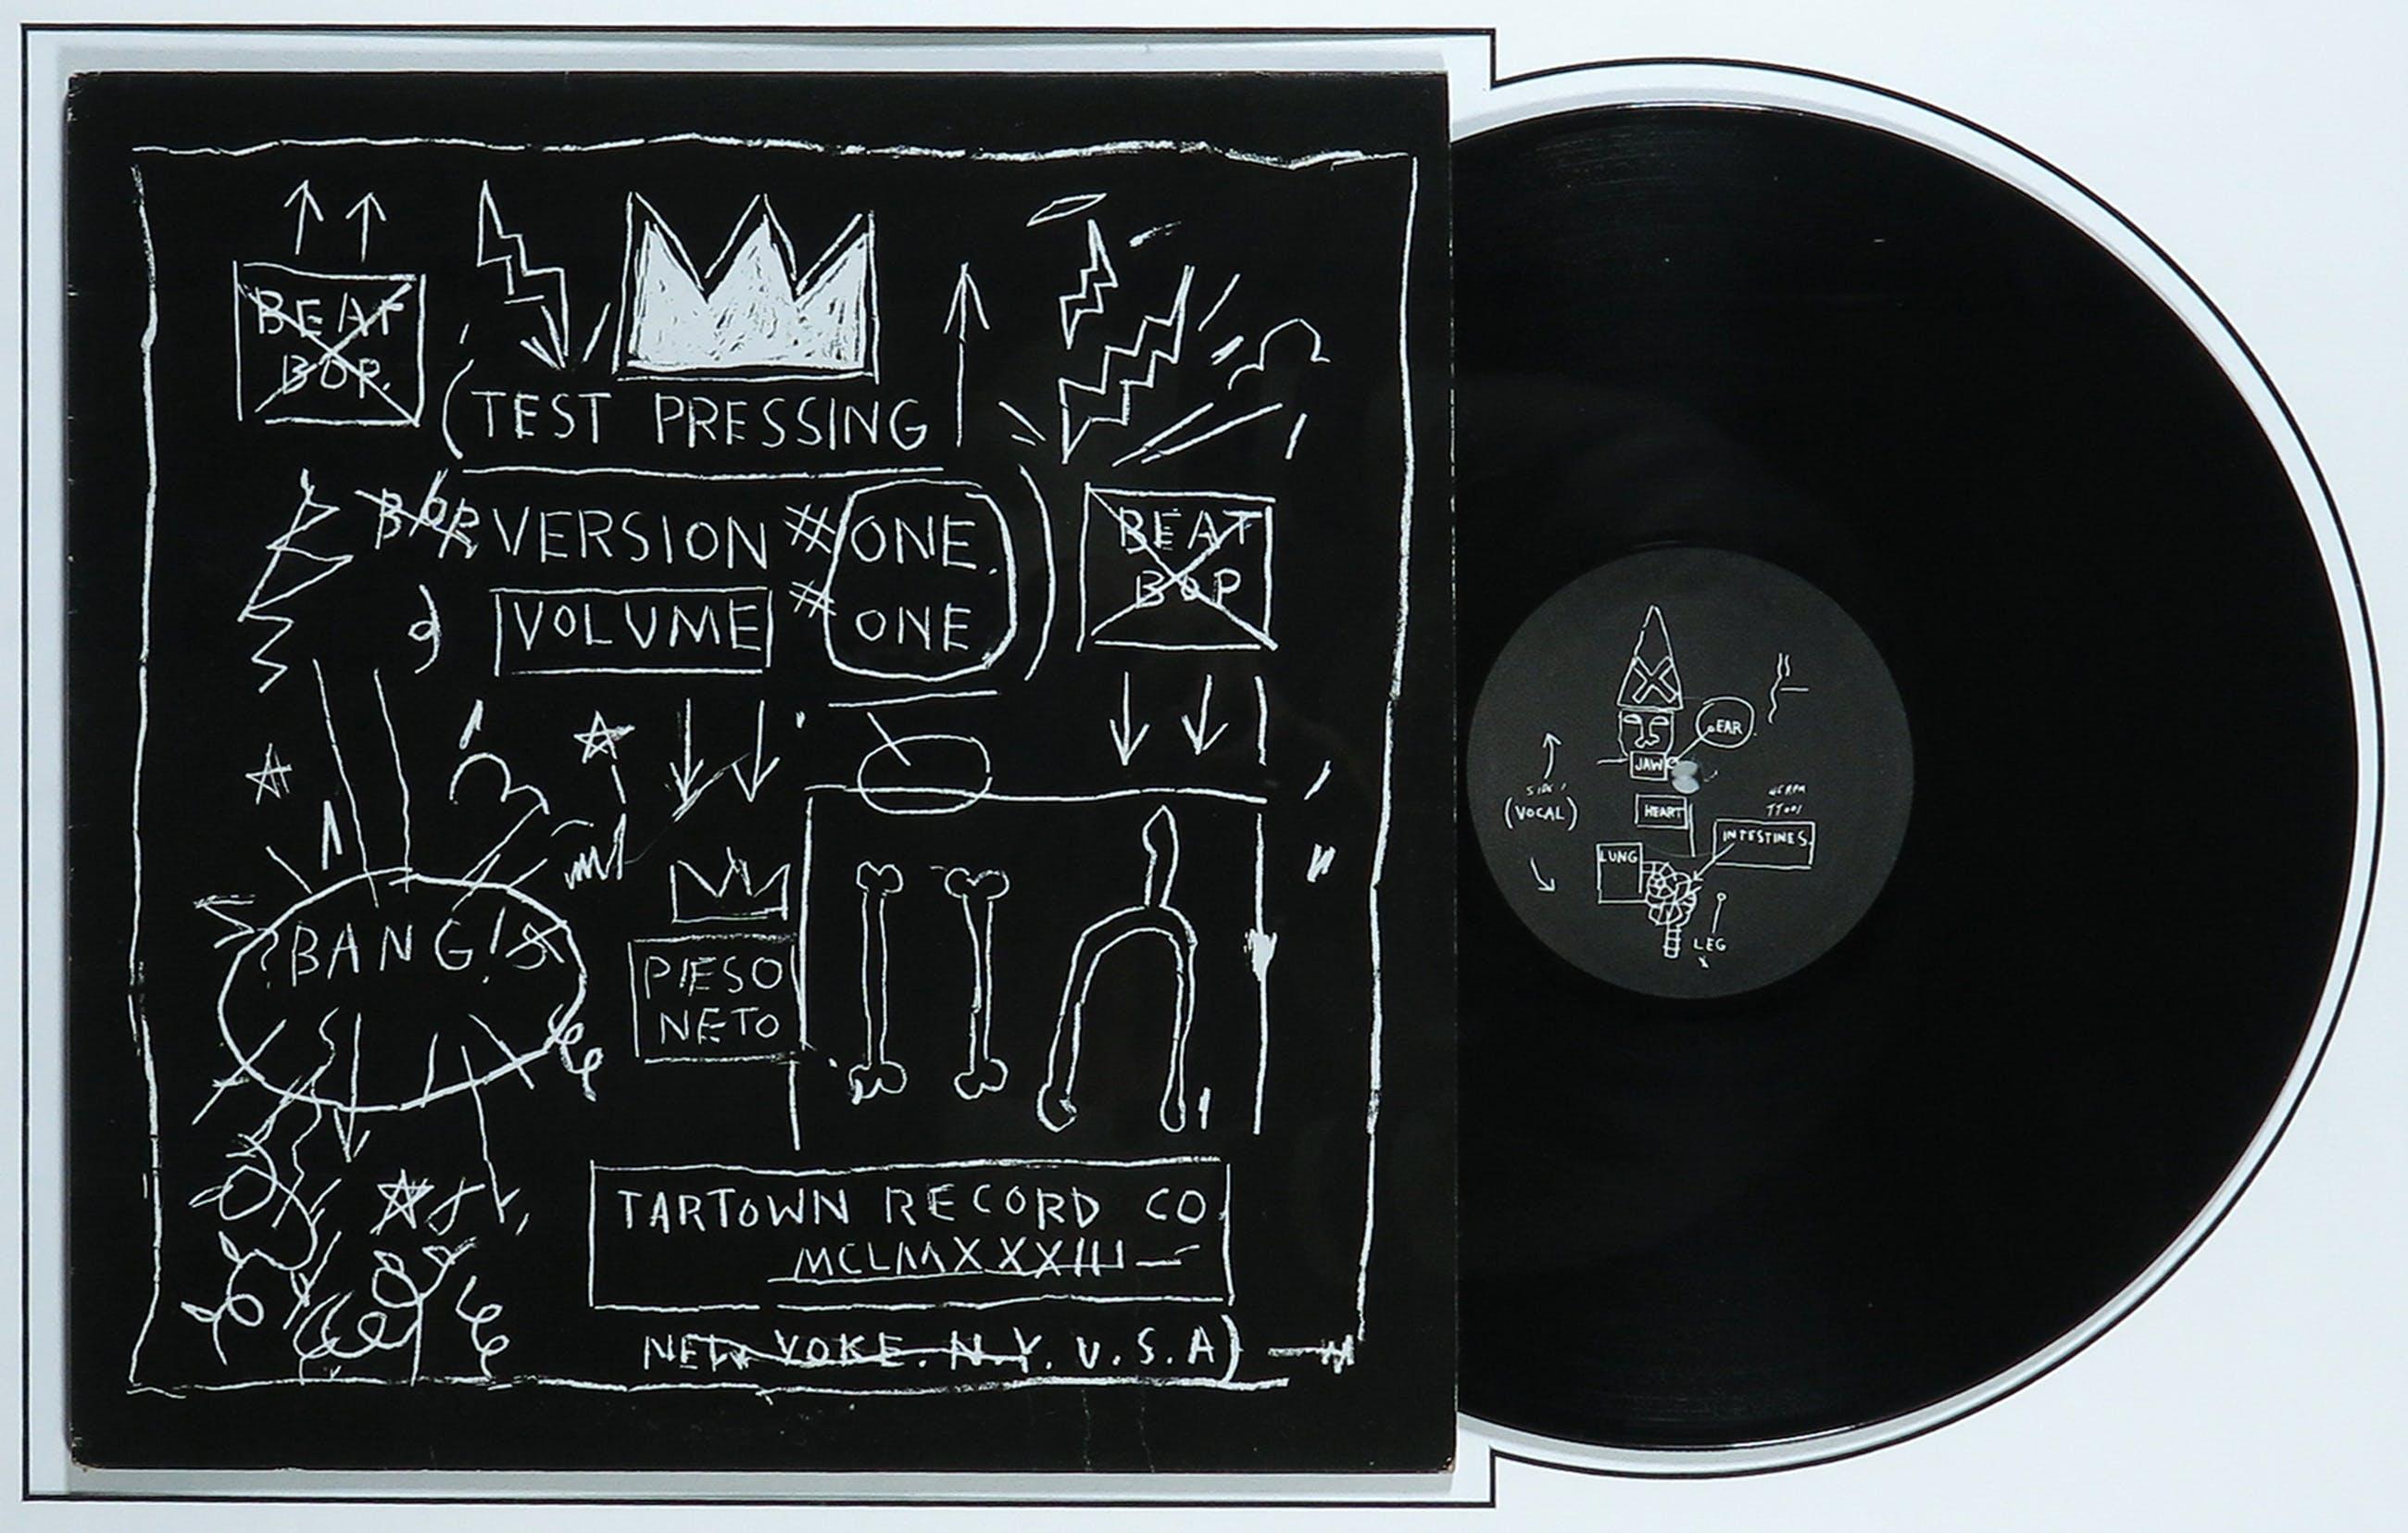 Jean-Michel Basquiat - LP-hoes, Rammellzee, K-Rob: Beat Bop - Ingelijst kopen? Bied vanaf 1!